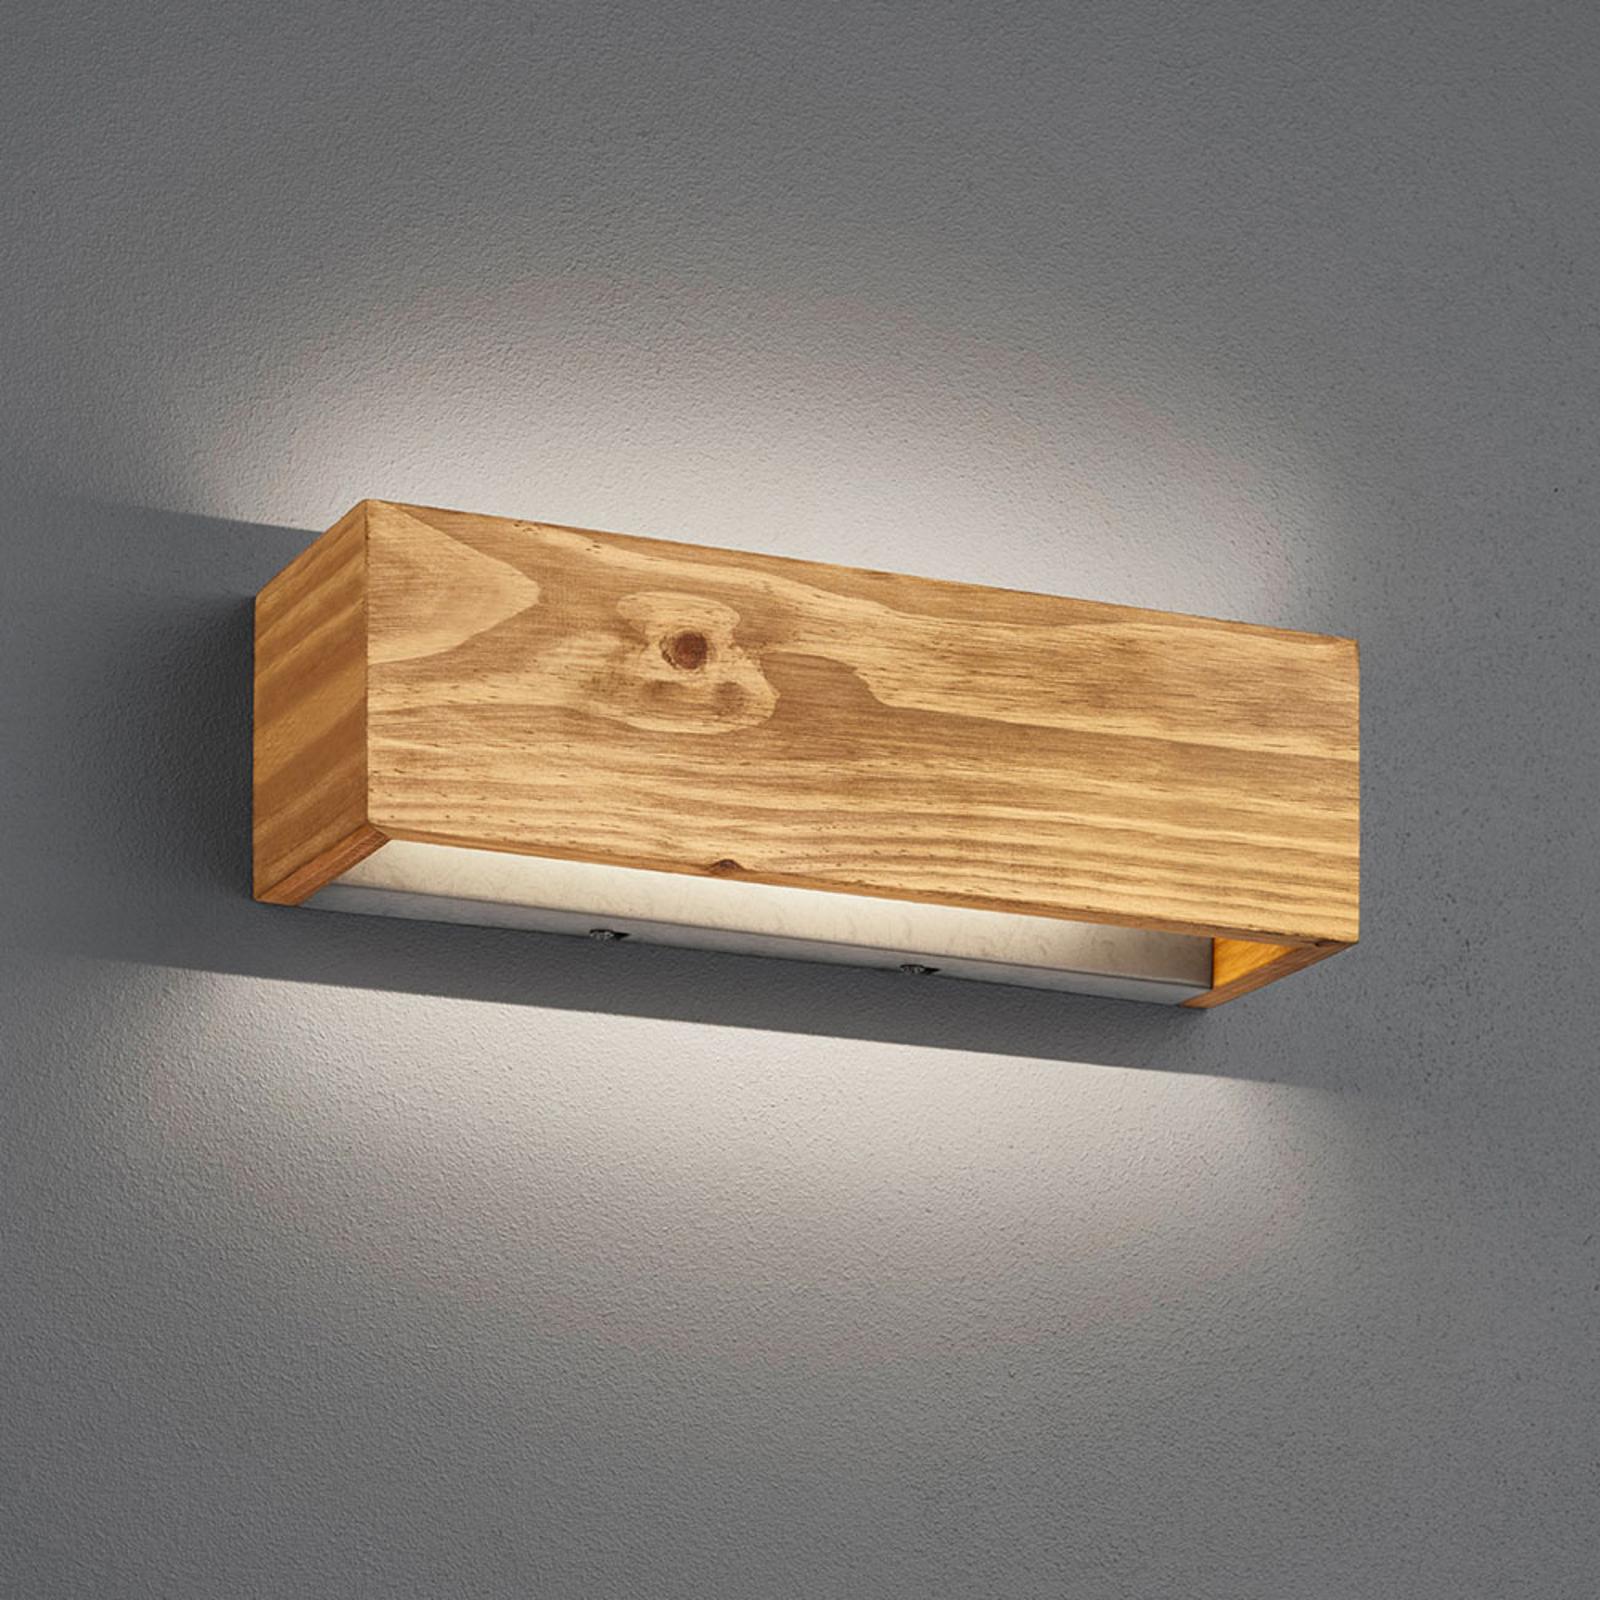 Kinkiet LED Brad z drewna, up/down, 37x11 cm